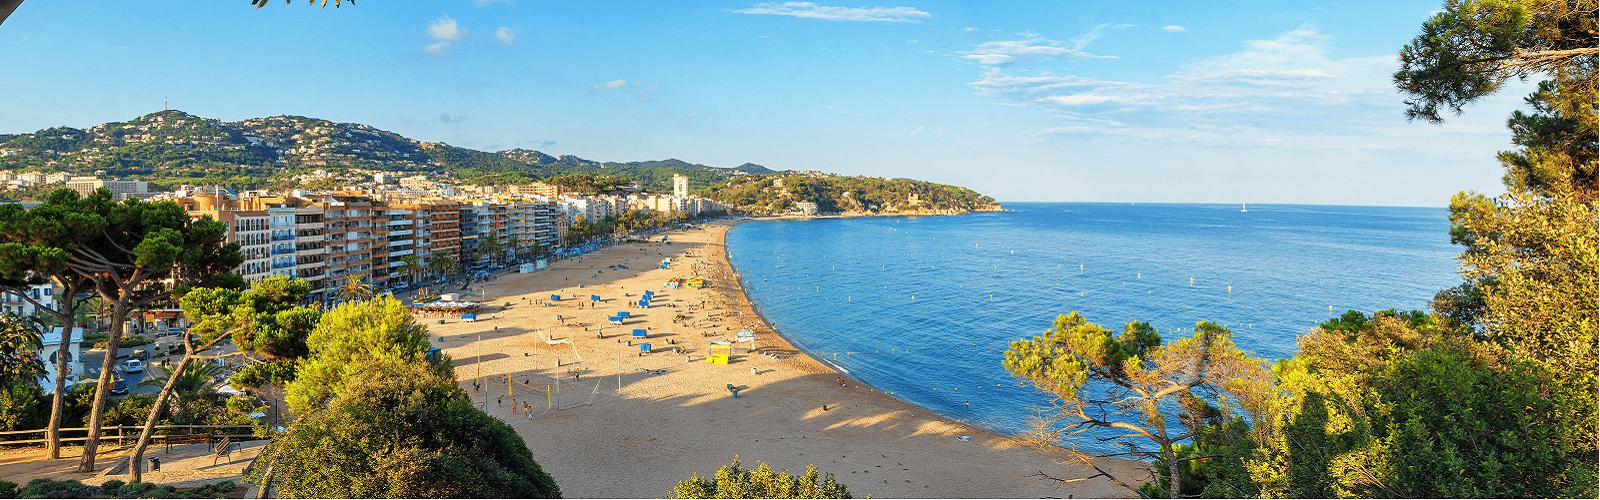 Camping en Espagne